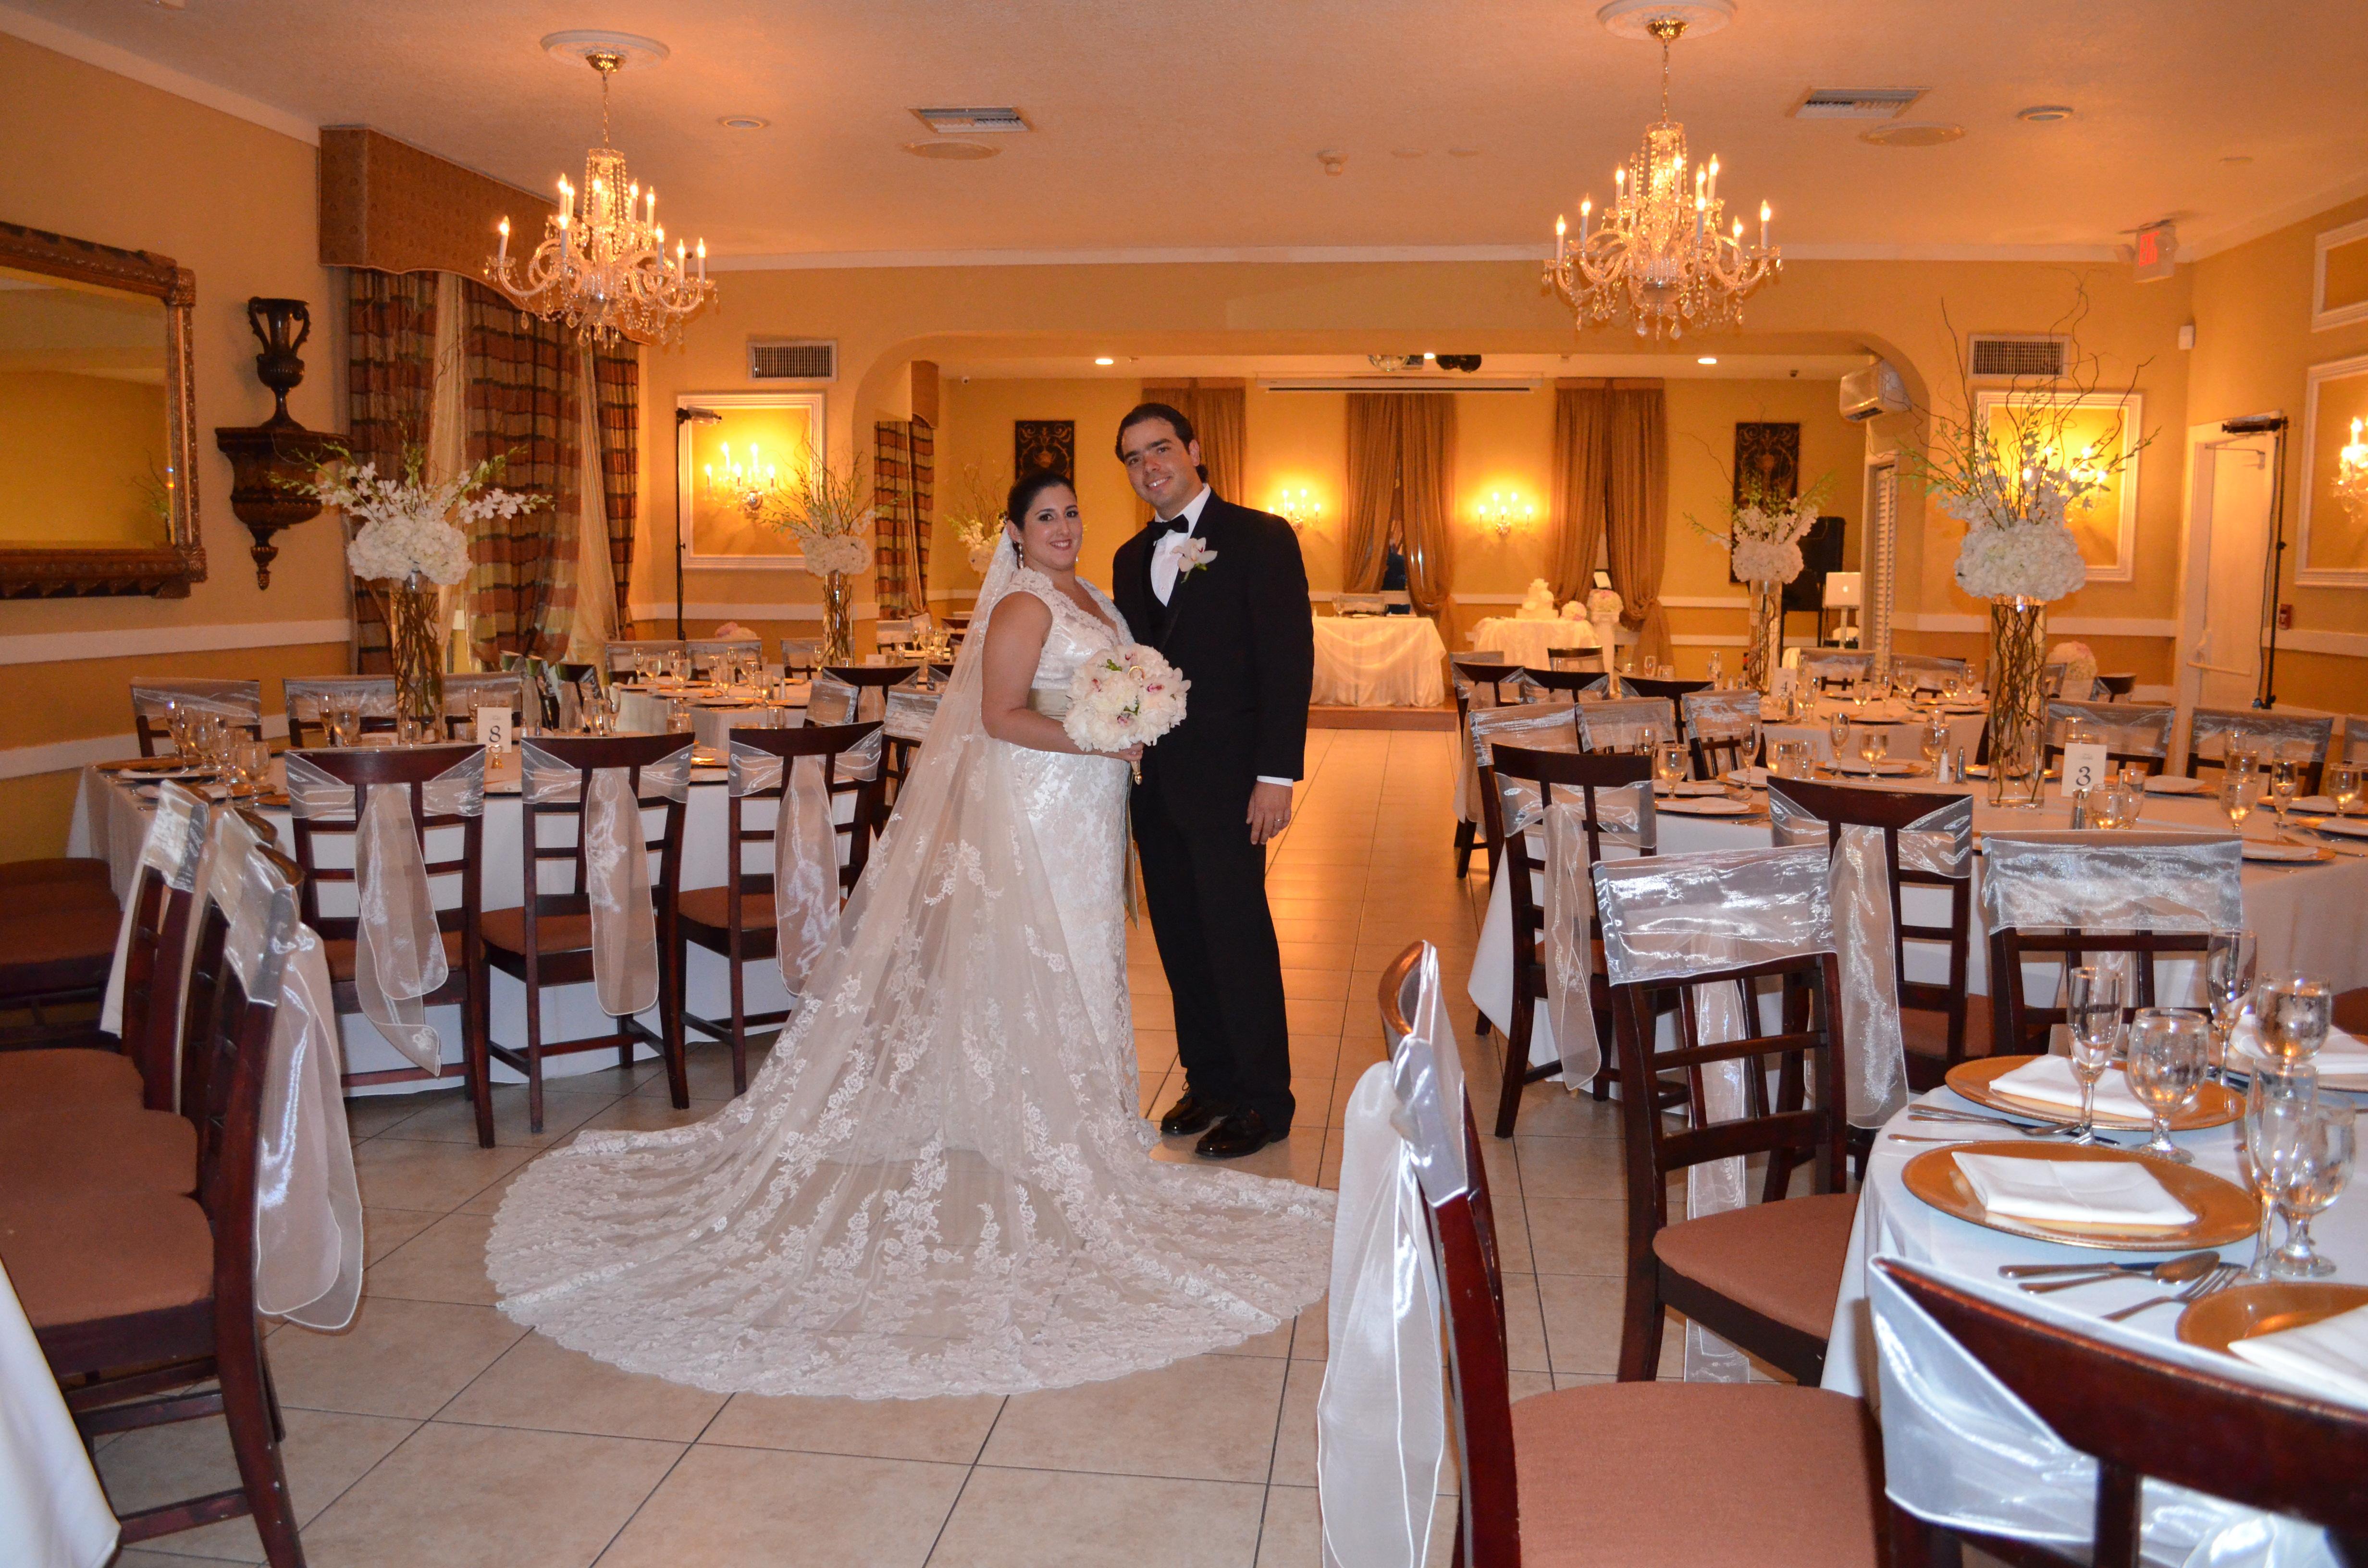 Patricia Amp Yaroslav Gazebo Ceremony And Wedding Reception